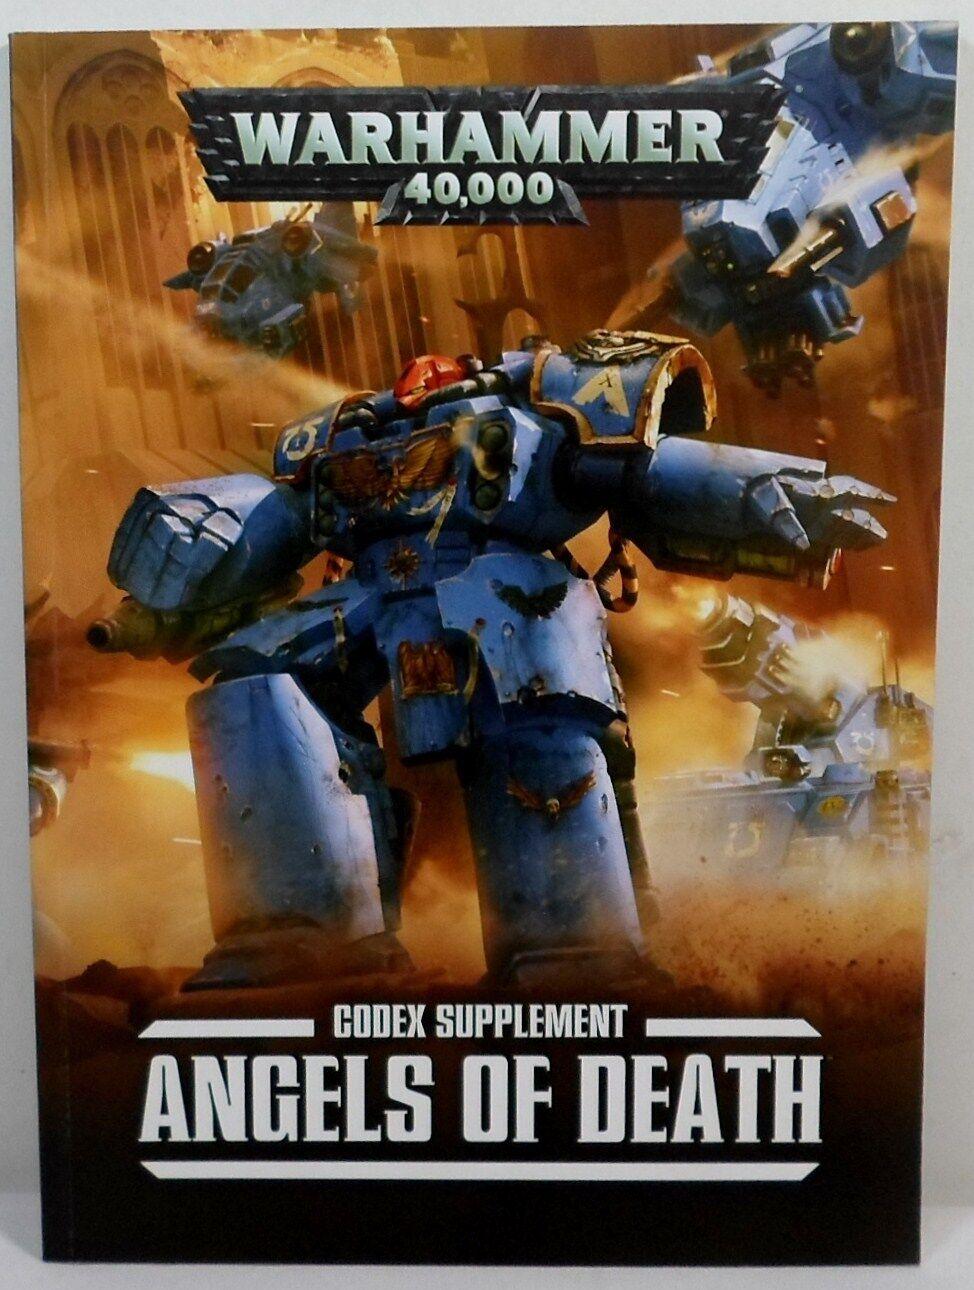 Warhammer 40k 40.000 space marines engel todes des todes engel - beilage buch ungenutzt 869d47